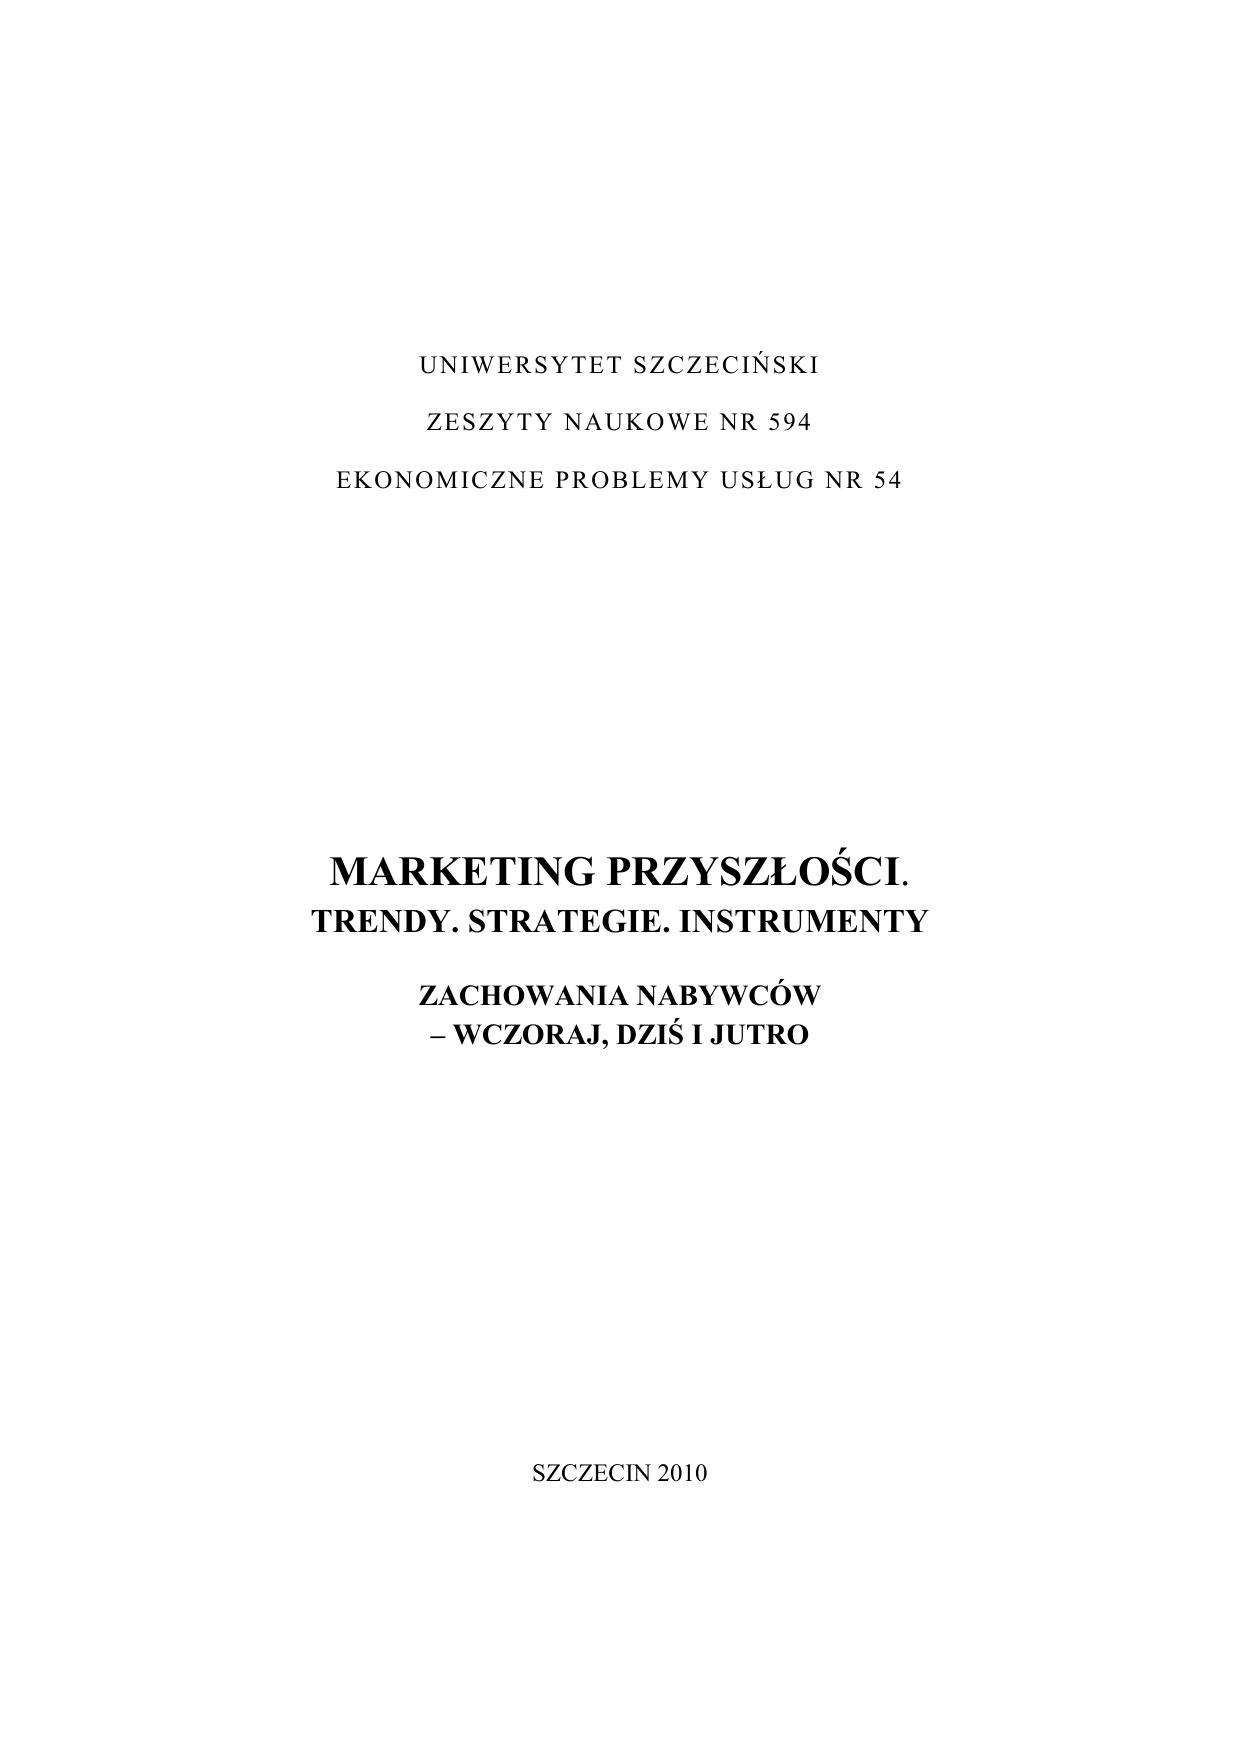 58579cffc98a0 marketing przyszłości. - Wydział Zarządzania i Ekonomiki Usług